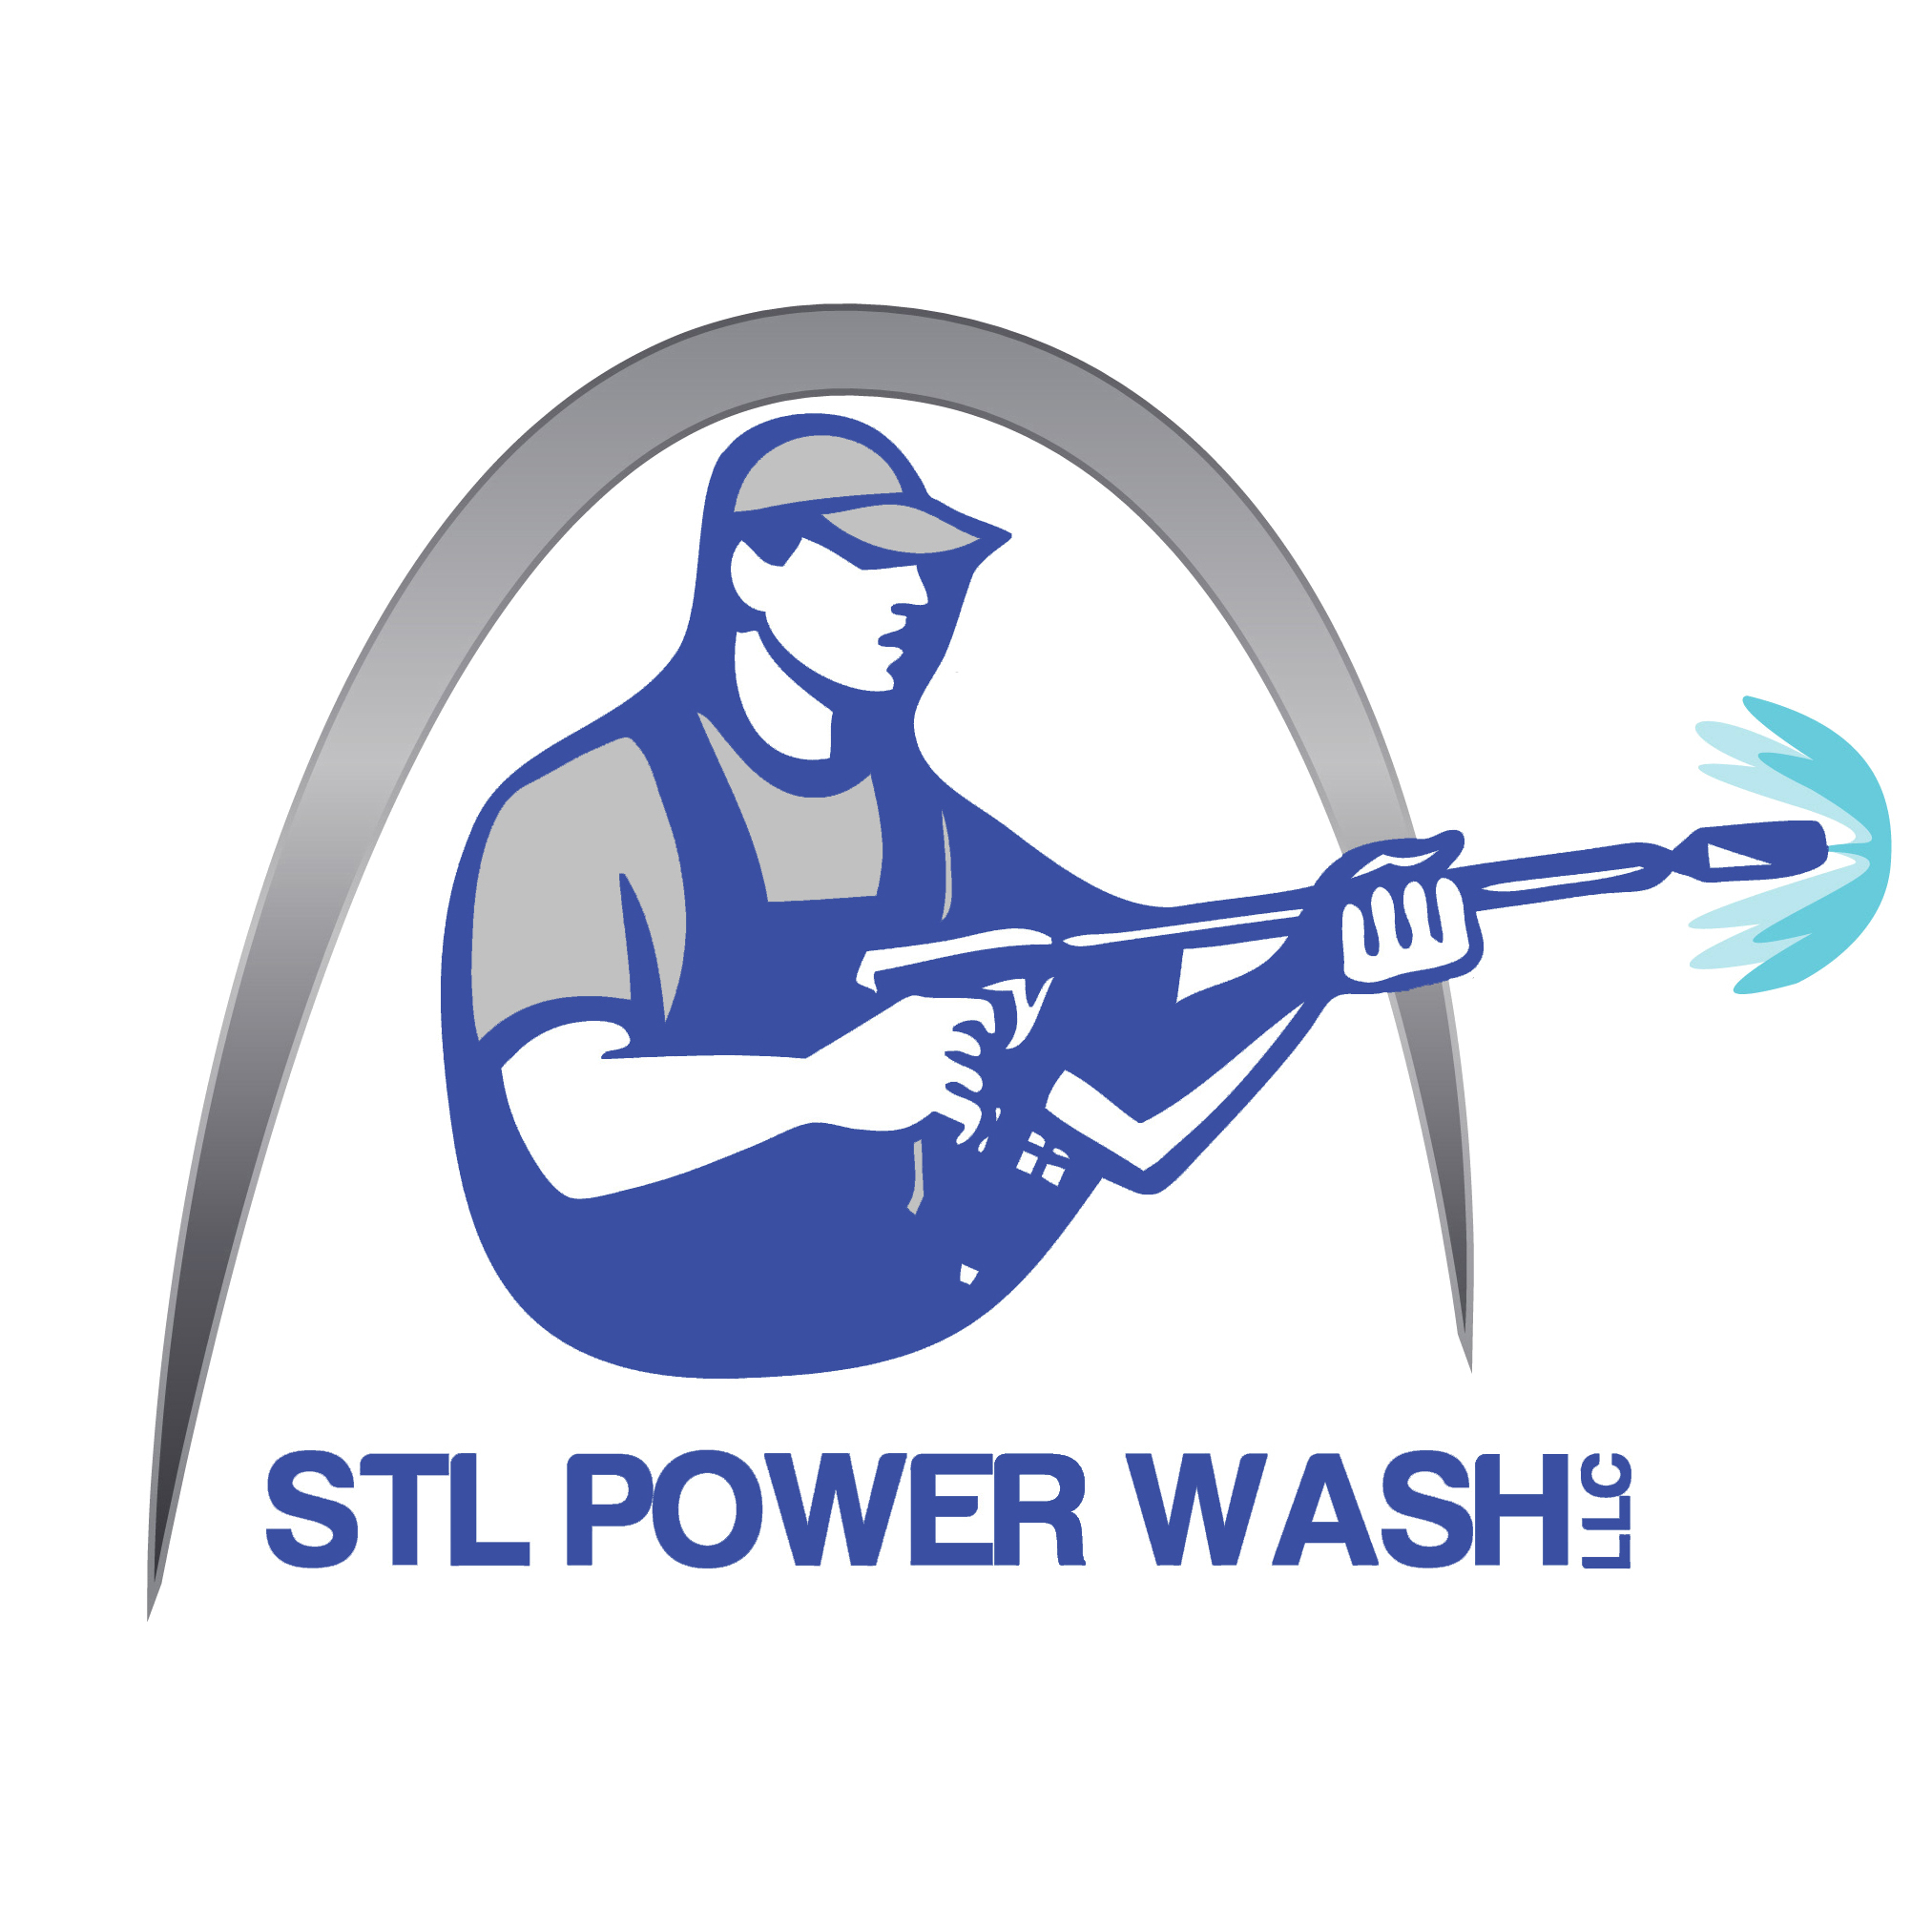 STL Power Wash LLC